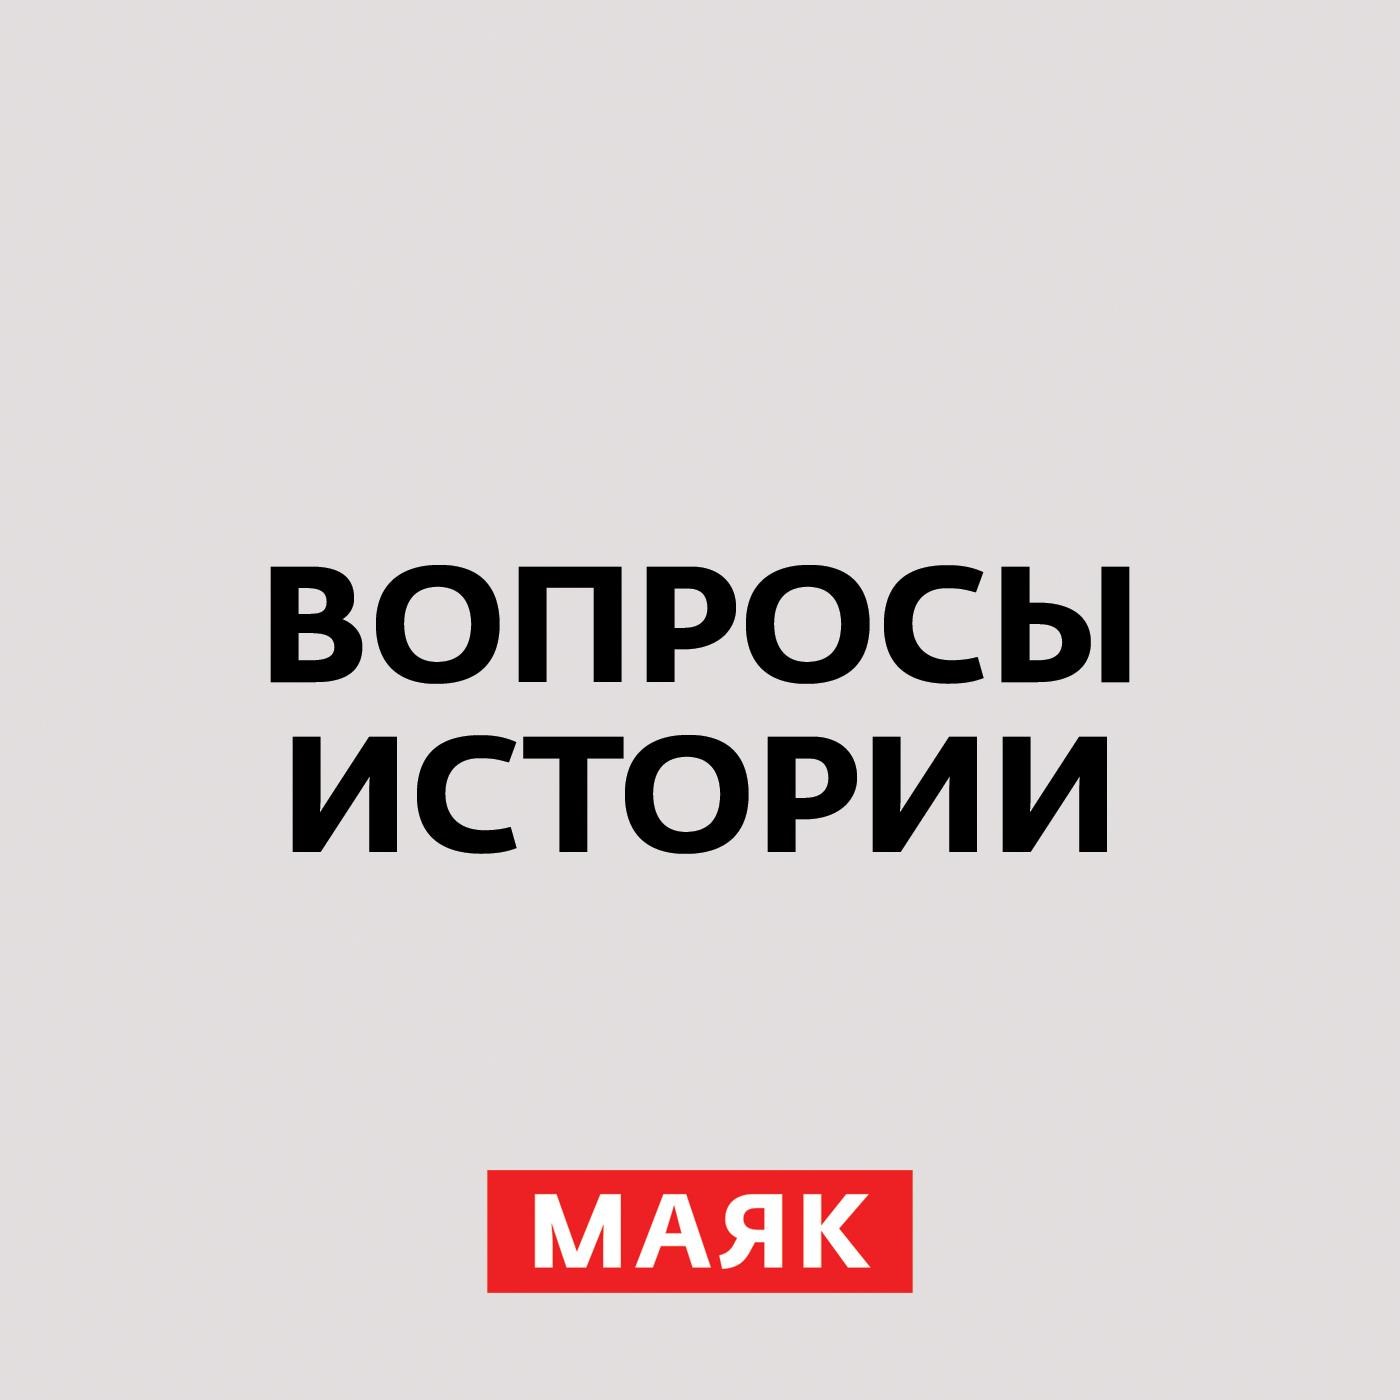 Андрей Сетенко Октябрь 41-го года: паника Моске. Часть 3